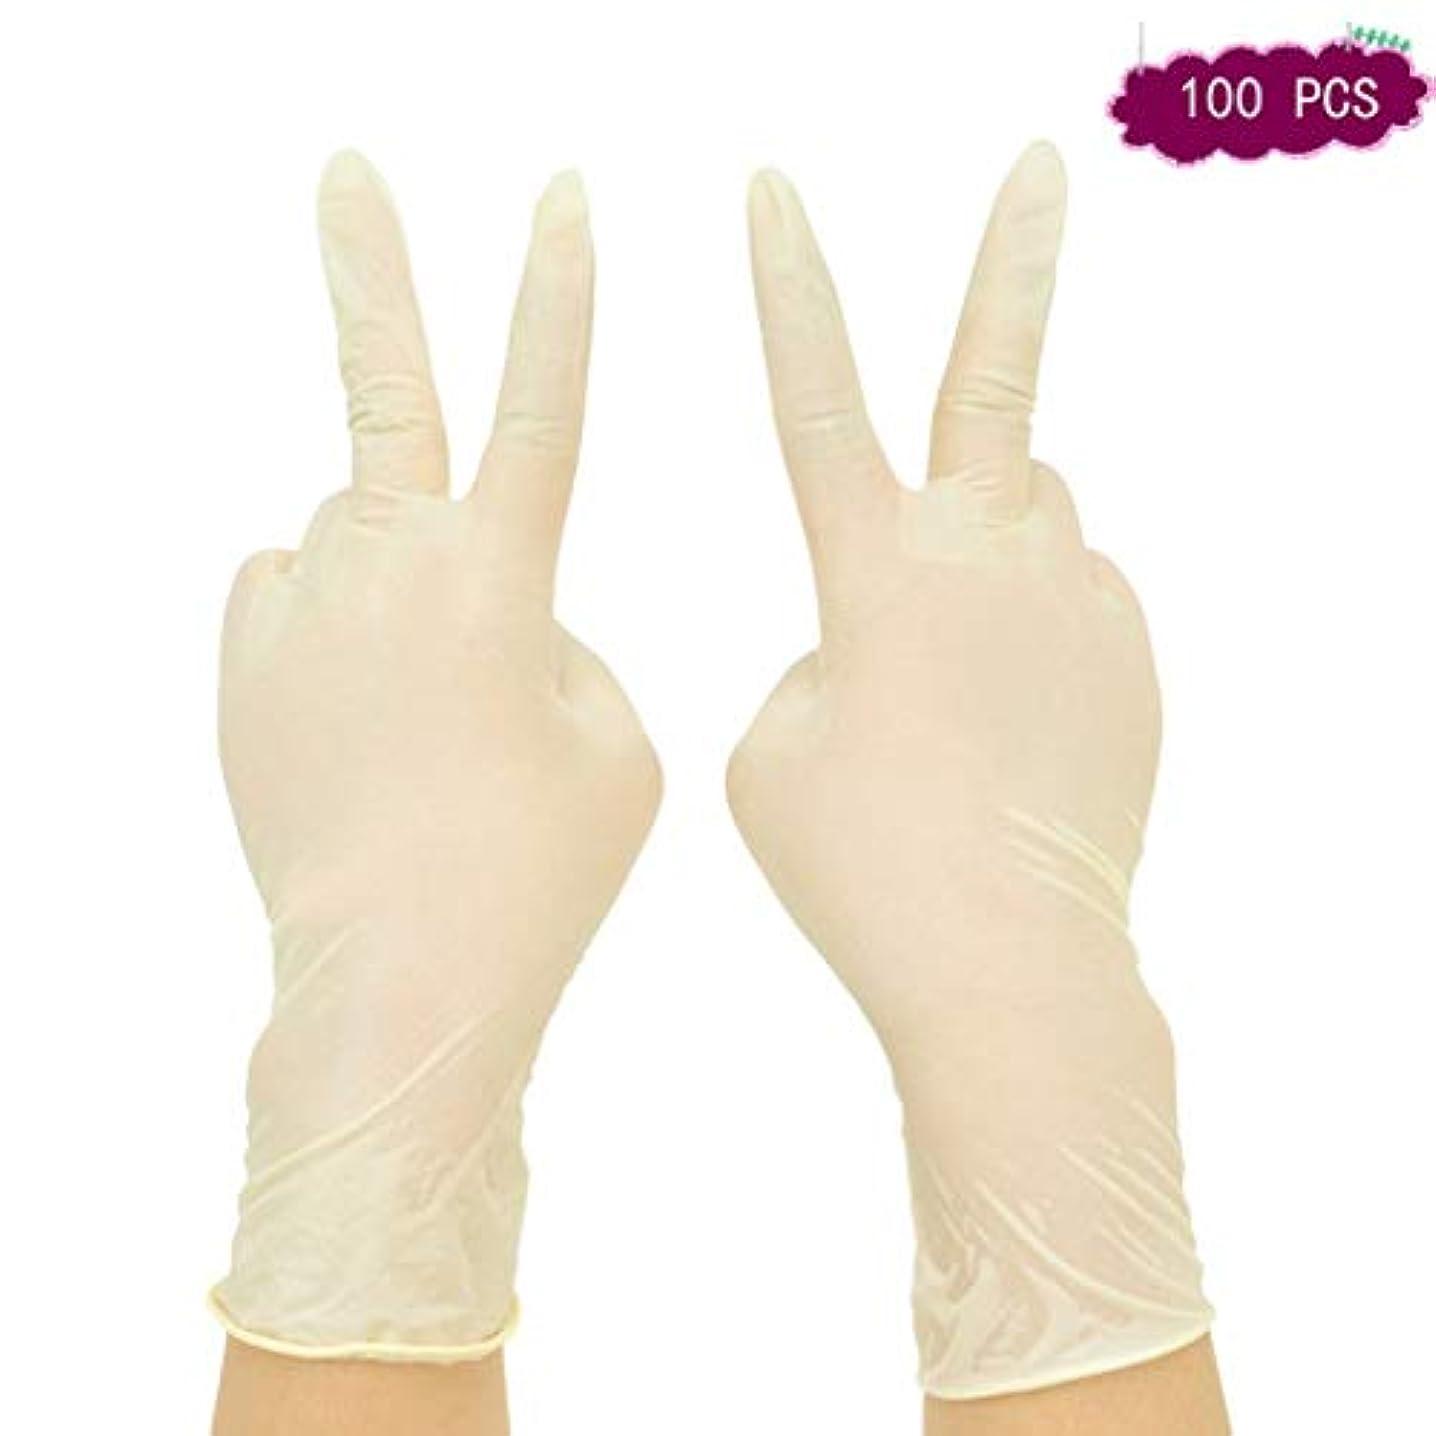 ネクタイ切手すき使い捨てラテックス手袋パウダーフリーのラテックス手袋9インチのホームキッチンの洗濯皿洗いラテックスアンチ油 (Color : 9 inch, Size : S)